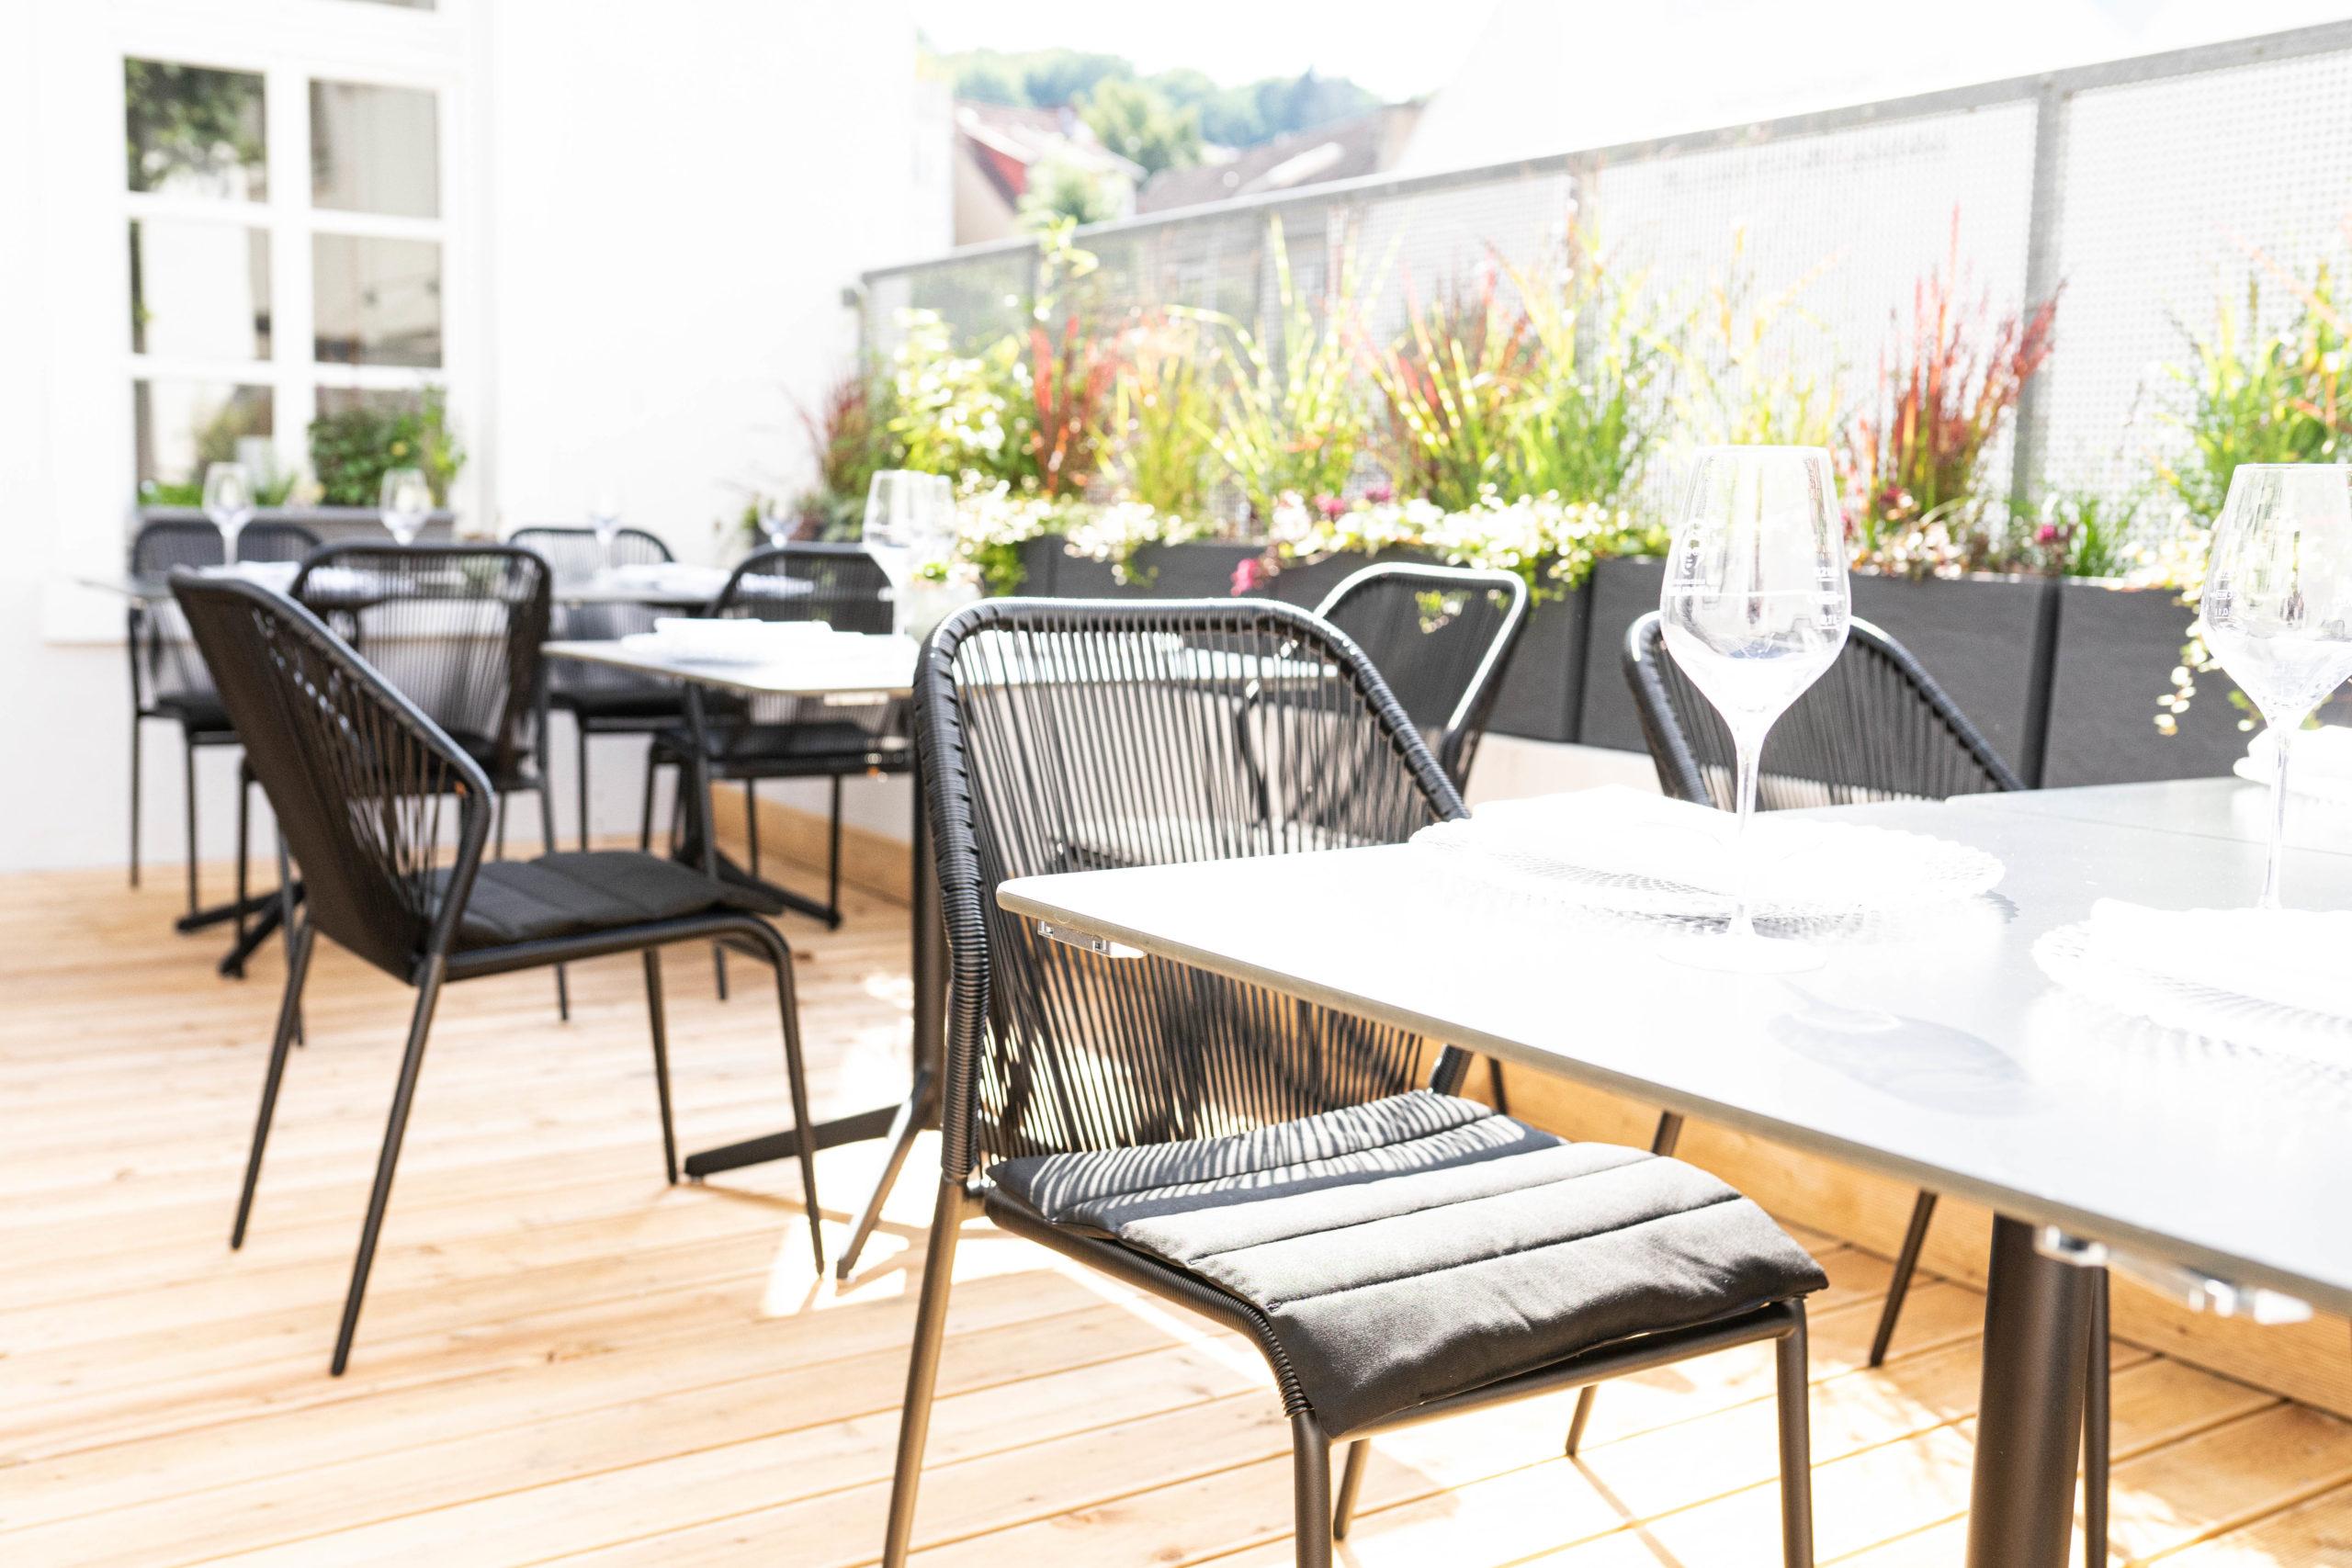 Restaurant_Handelshof_Terrasse